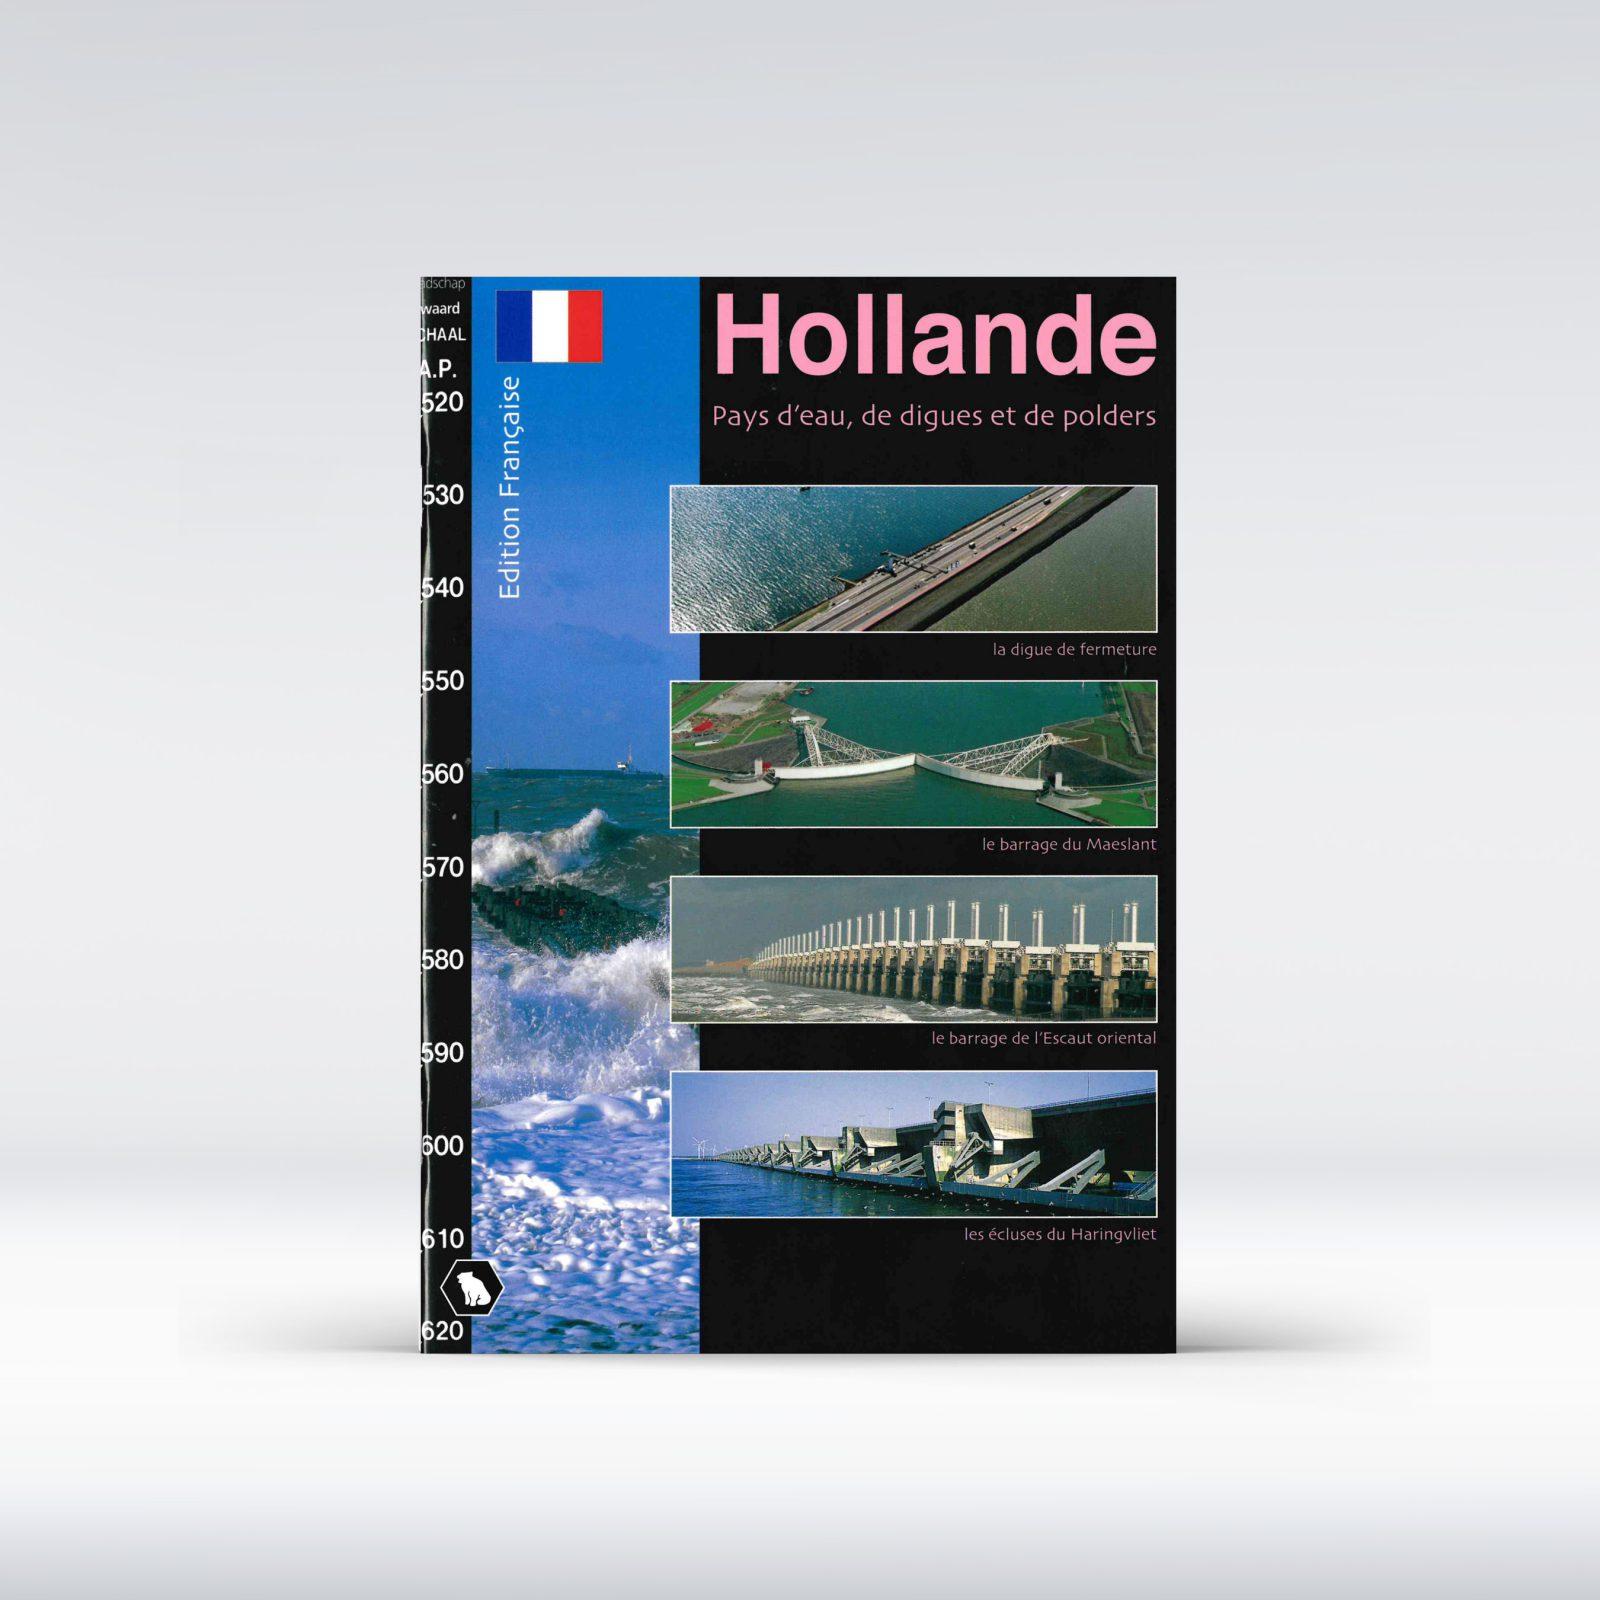 Holland, pays d'eau, de digues et de polders